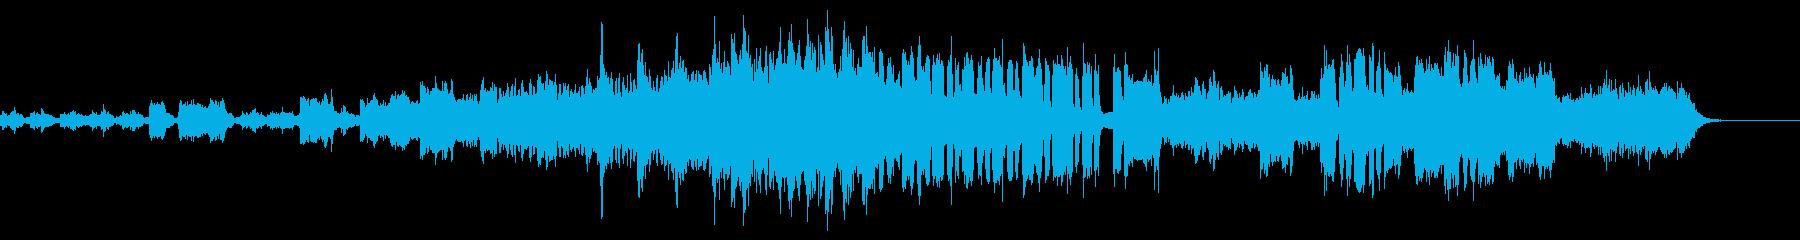 洋画のサスペンスの再生済みの波形